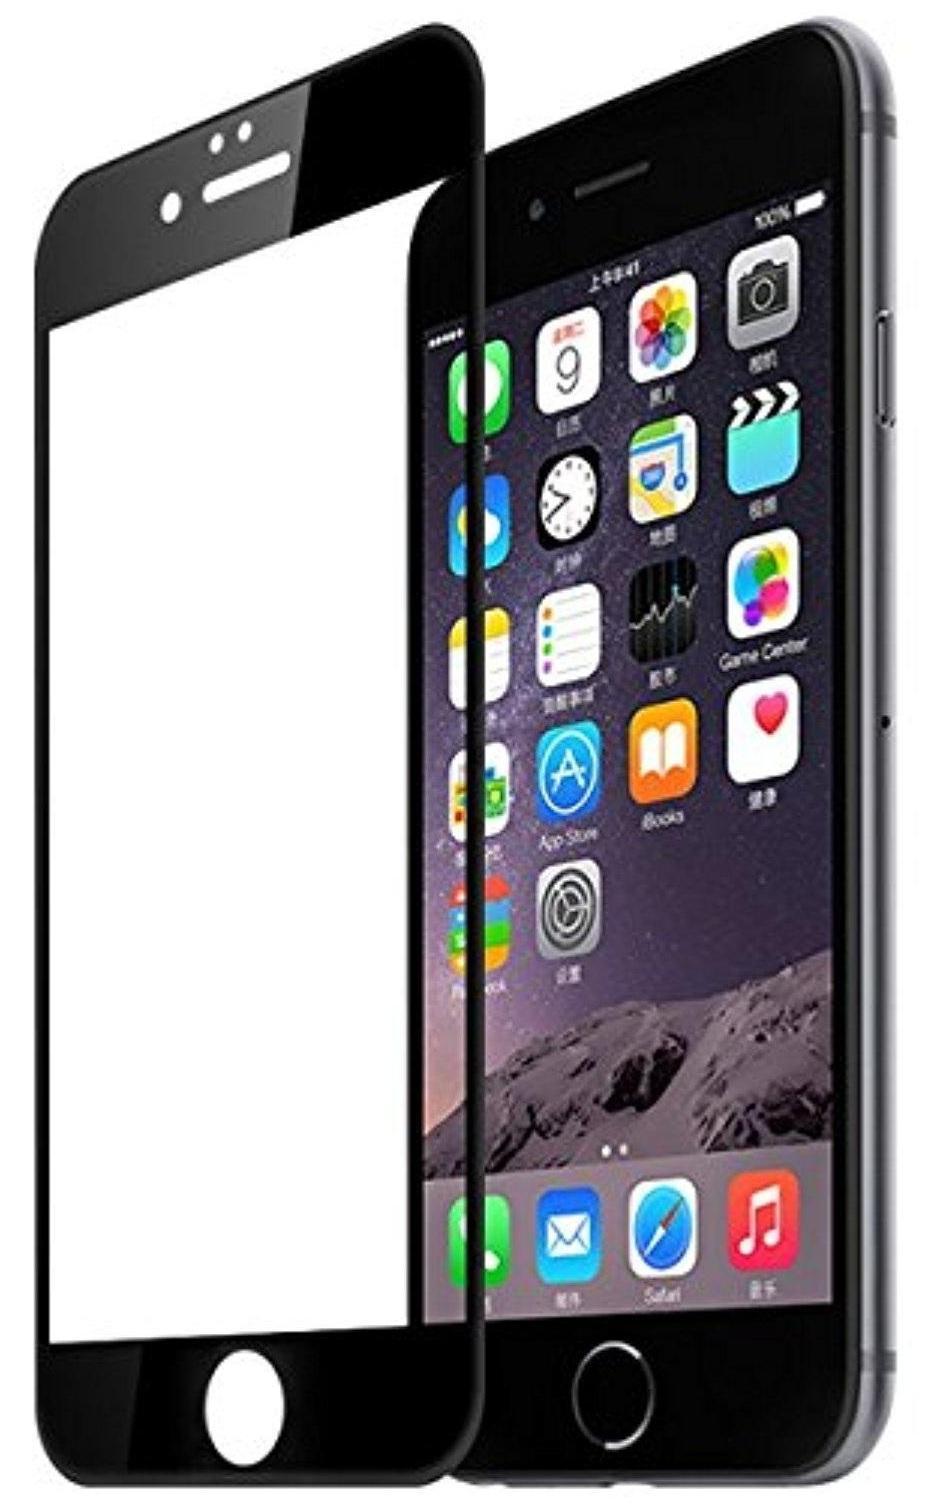 Защитное стекло Devia Van Full Screen 9H 0.26mm для Apple iPhone 7/8 цветное черная рамка (306150)для iPhone 7/8<br>Защитное стекло Devia Van Full Screen 9H 0.26mm для Apple iPhone 7/8 цветное черная рамка (306150)<br>